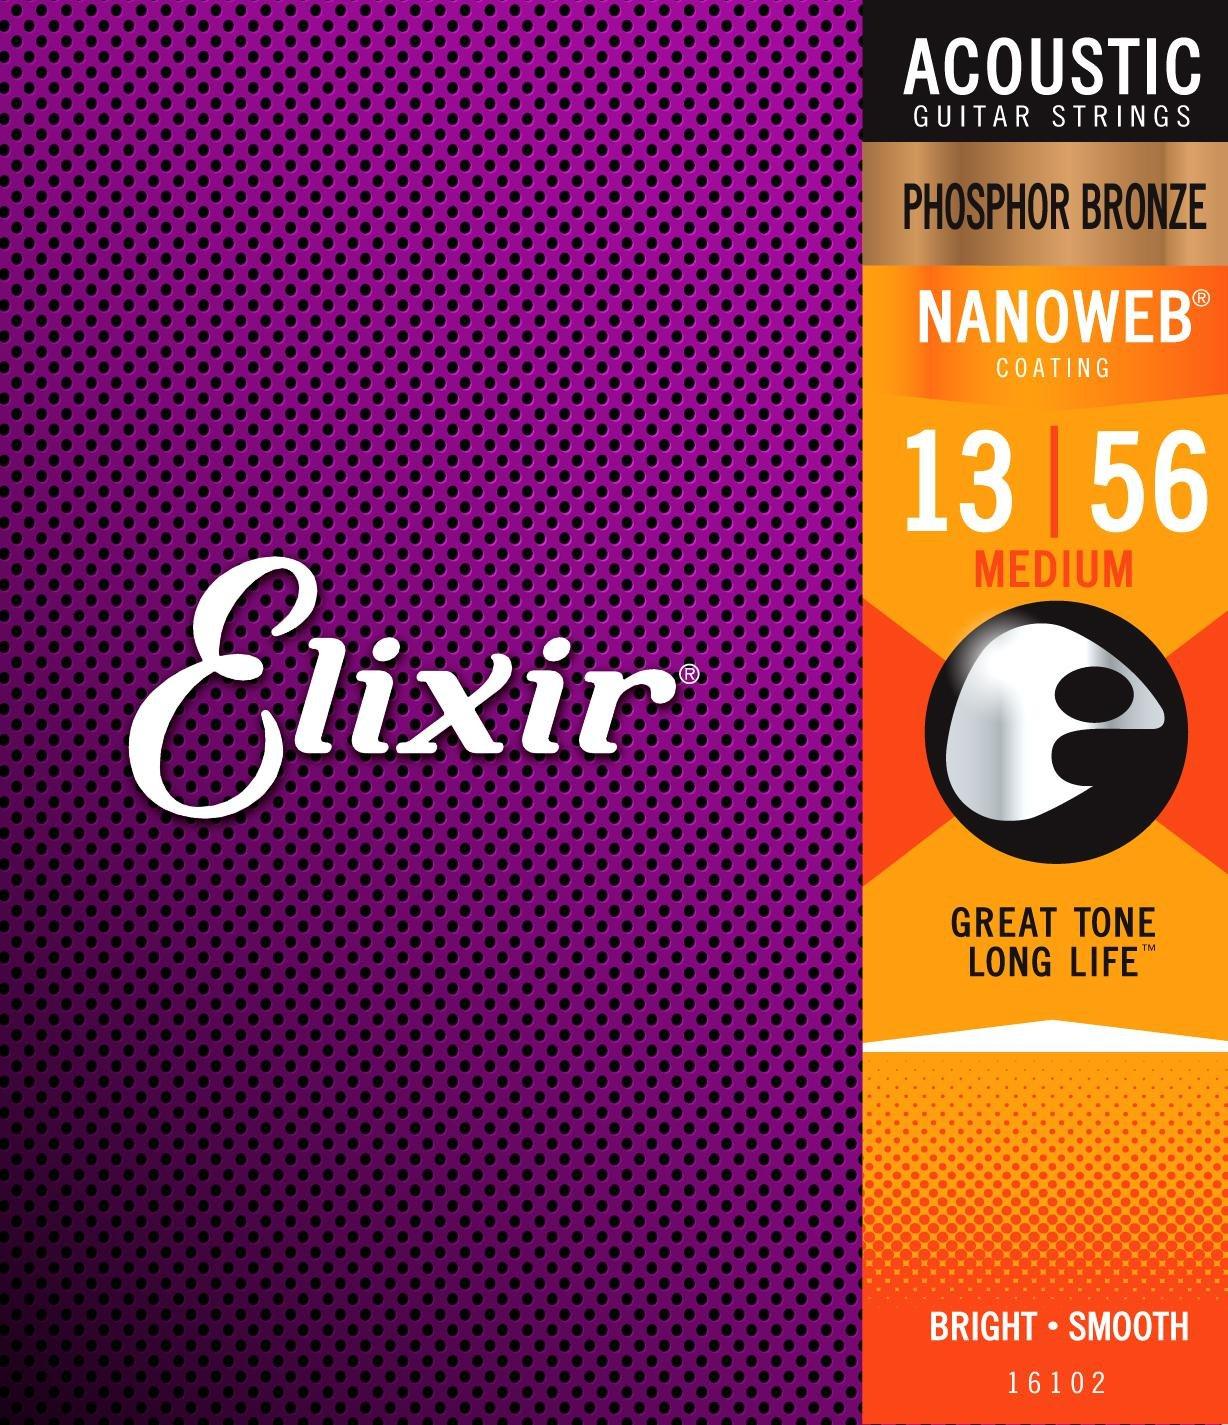 цена на Elixir Original 16102 Acoustic Phosphor Bronze with NANOWEB Coating Medium 13-56